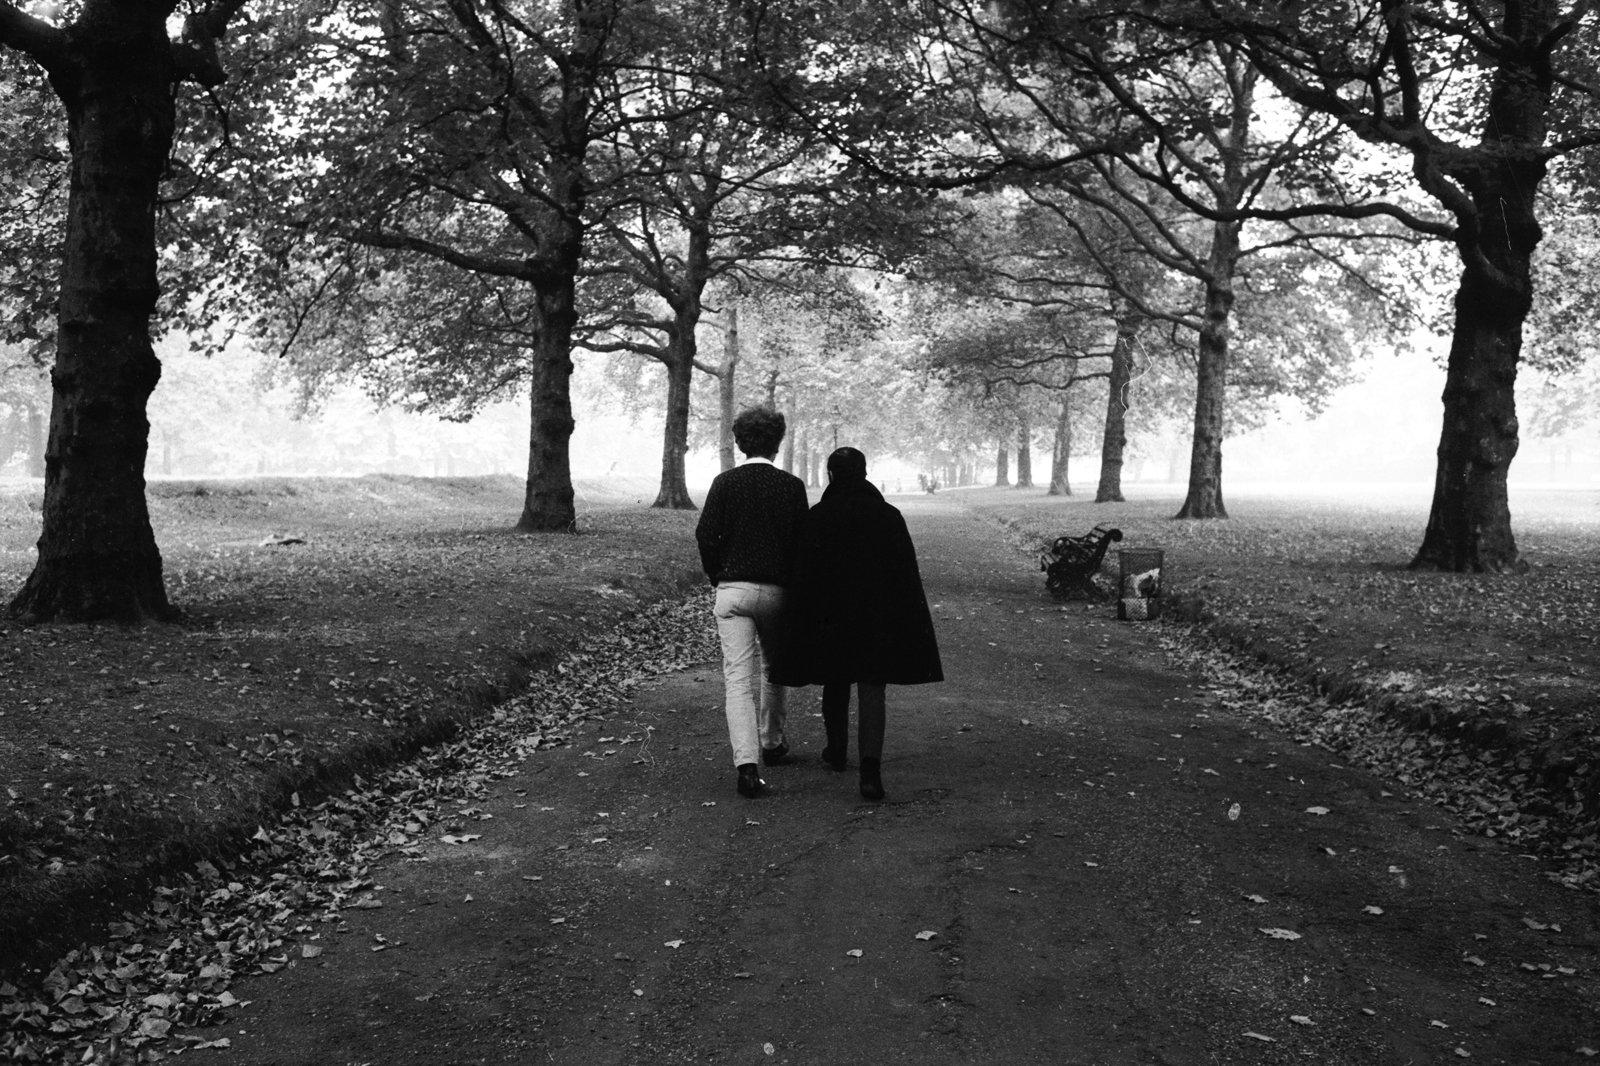 Simon & Garfunkel - The Concert In Central Park.jpg